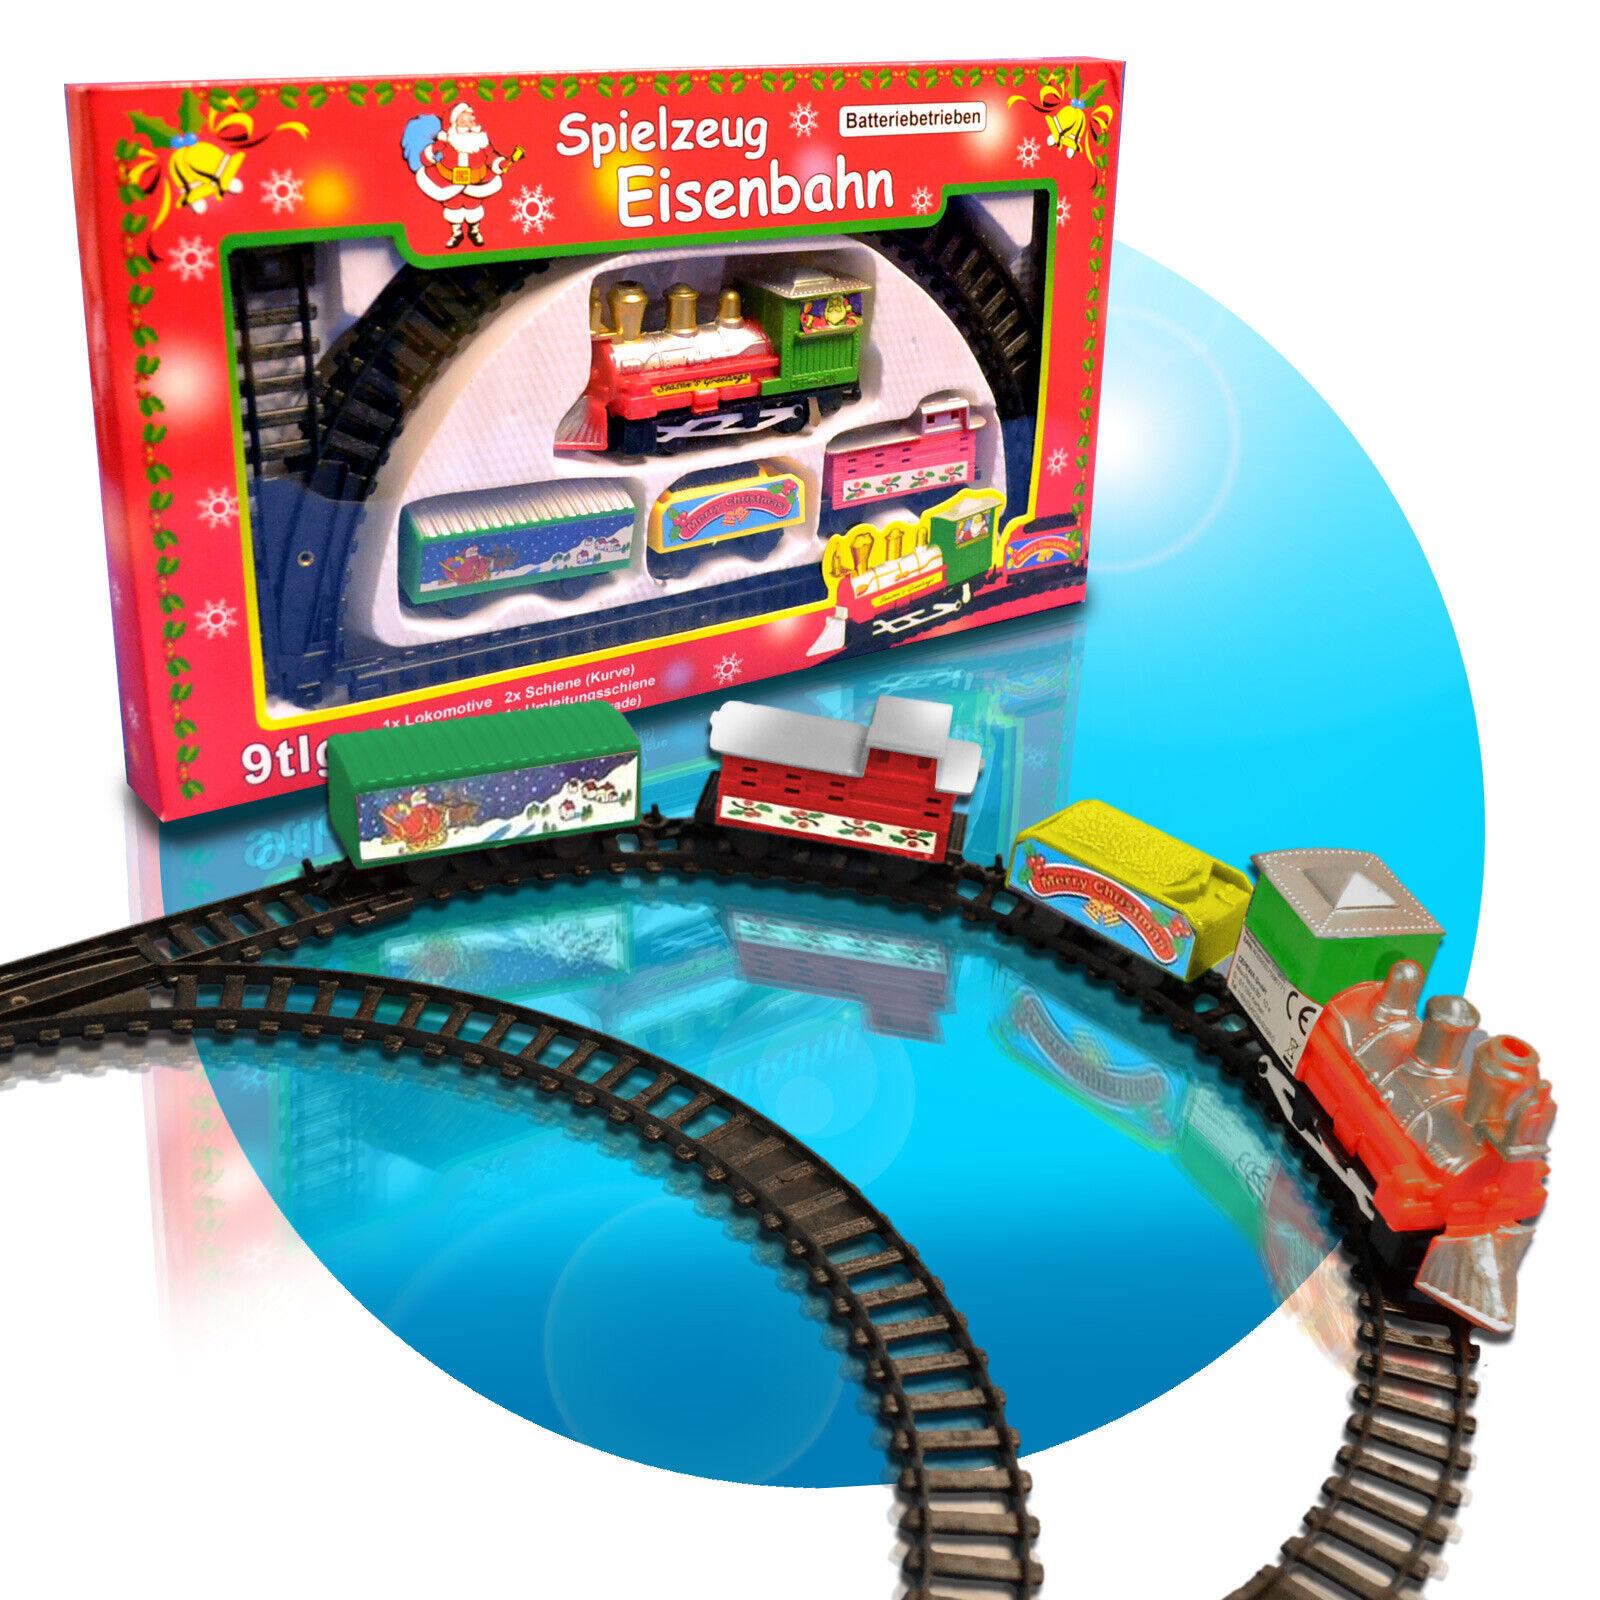 6x24 dunkelgraue platte 2x Puffer,4x Achsen LEGO® Eisenbahn ZUG Waggon Set